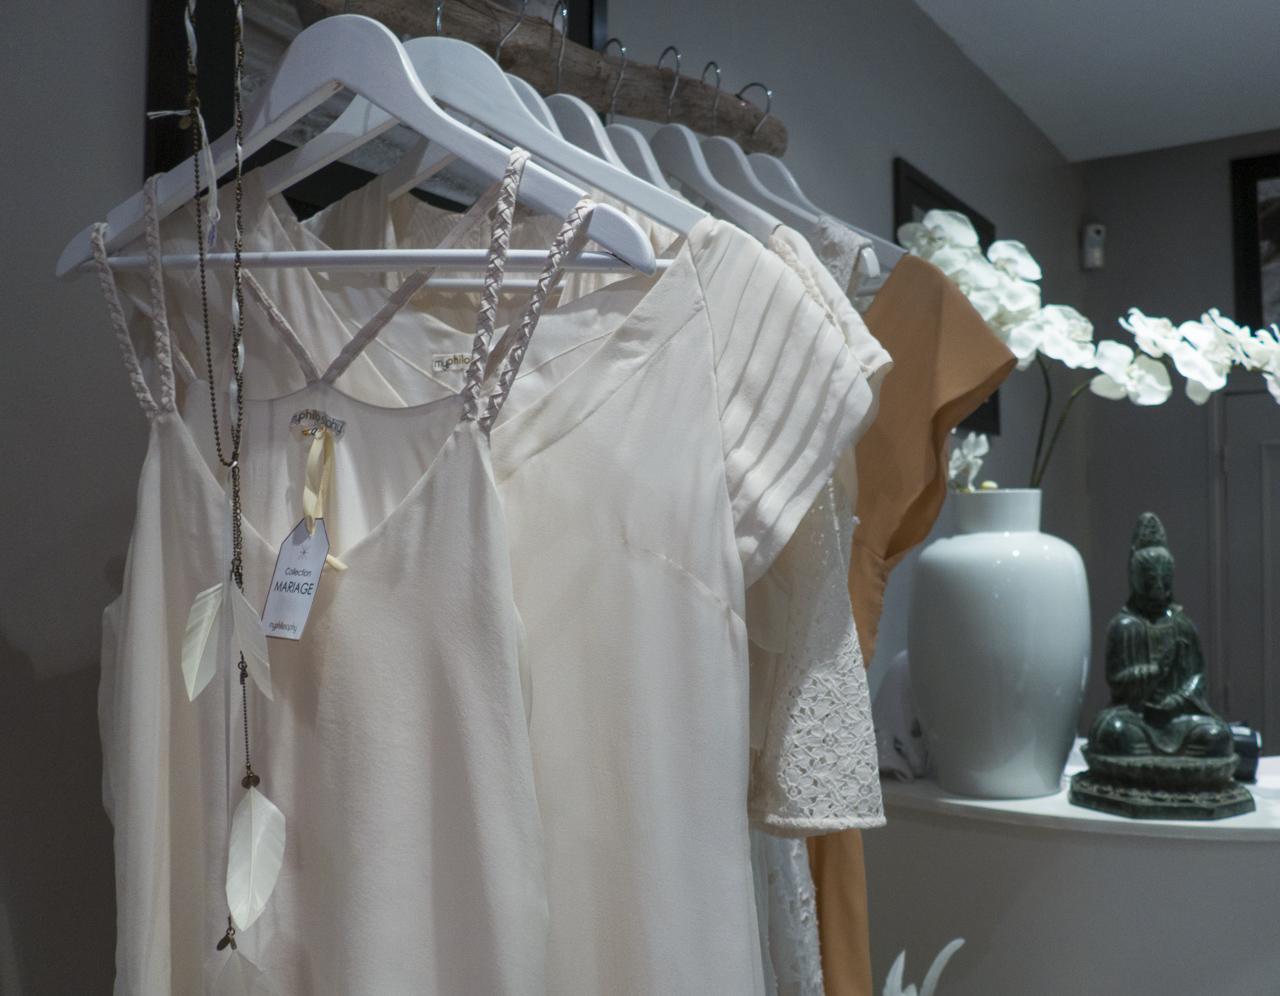 My Philosophy Wedding slow fashion